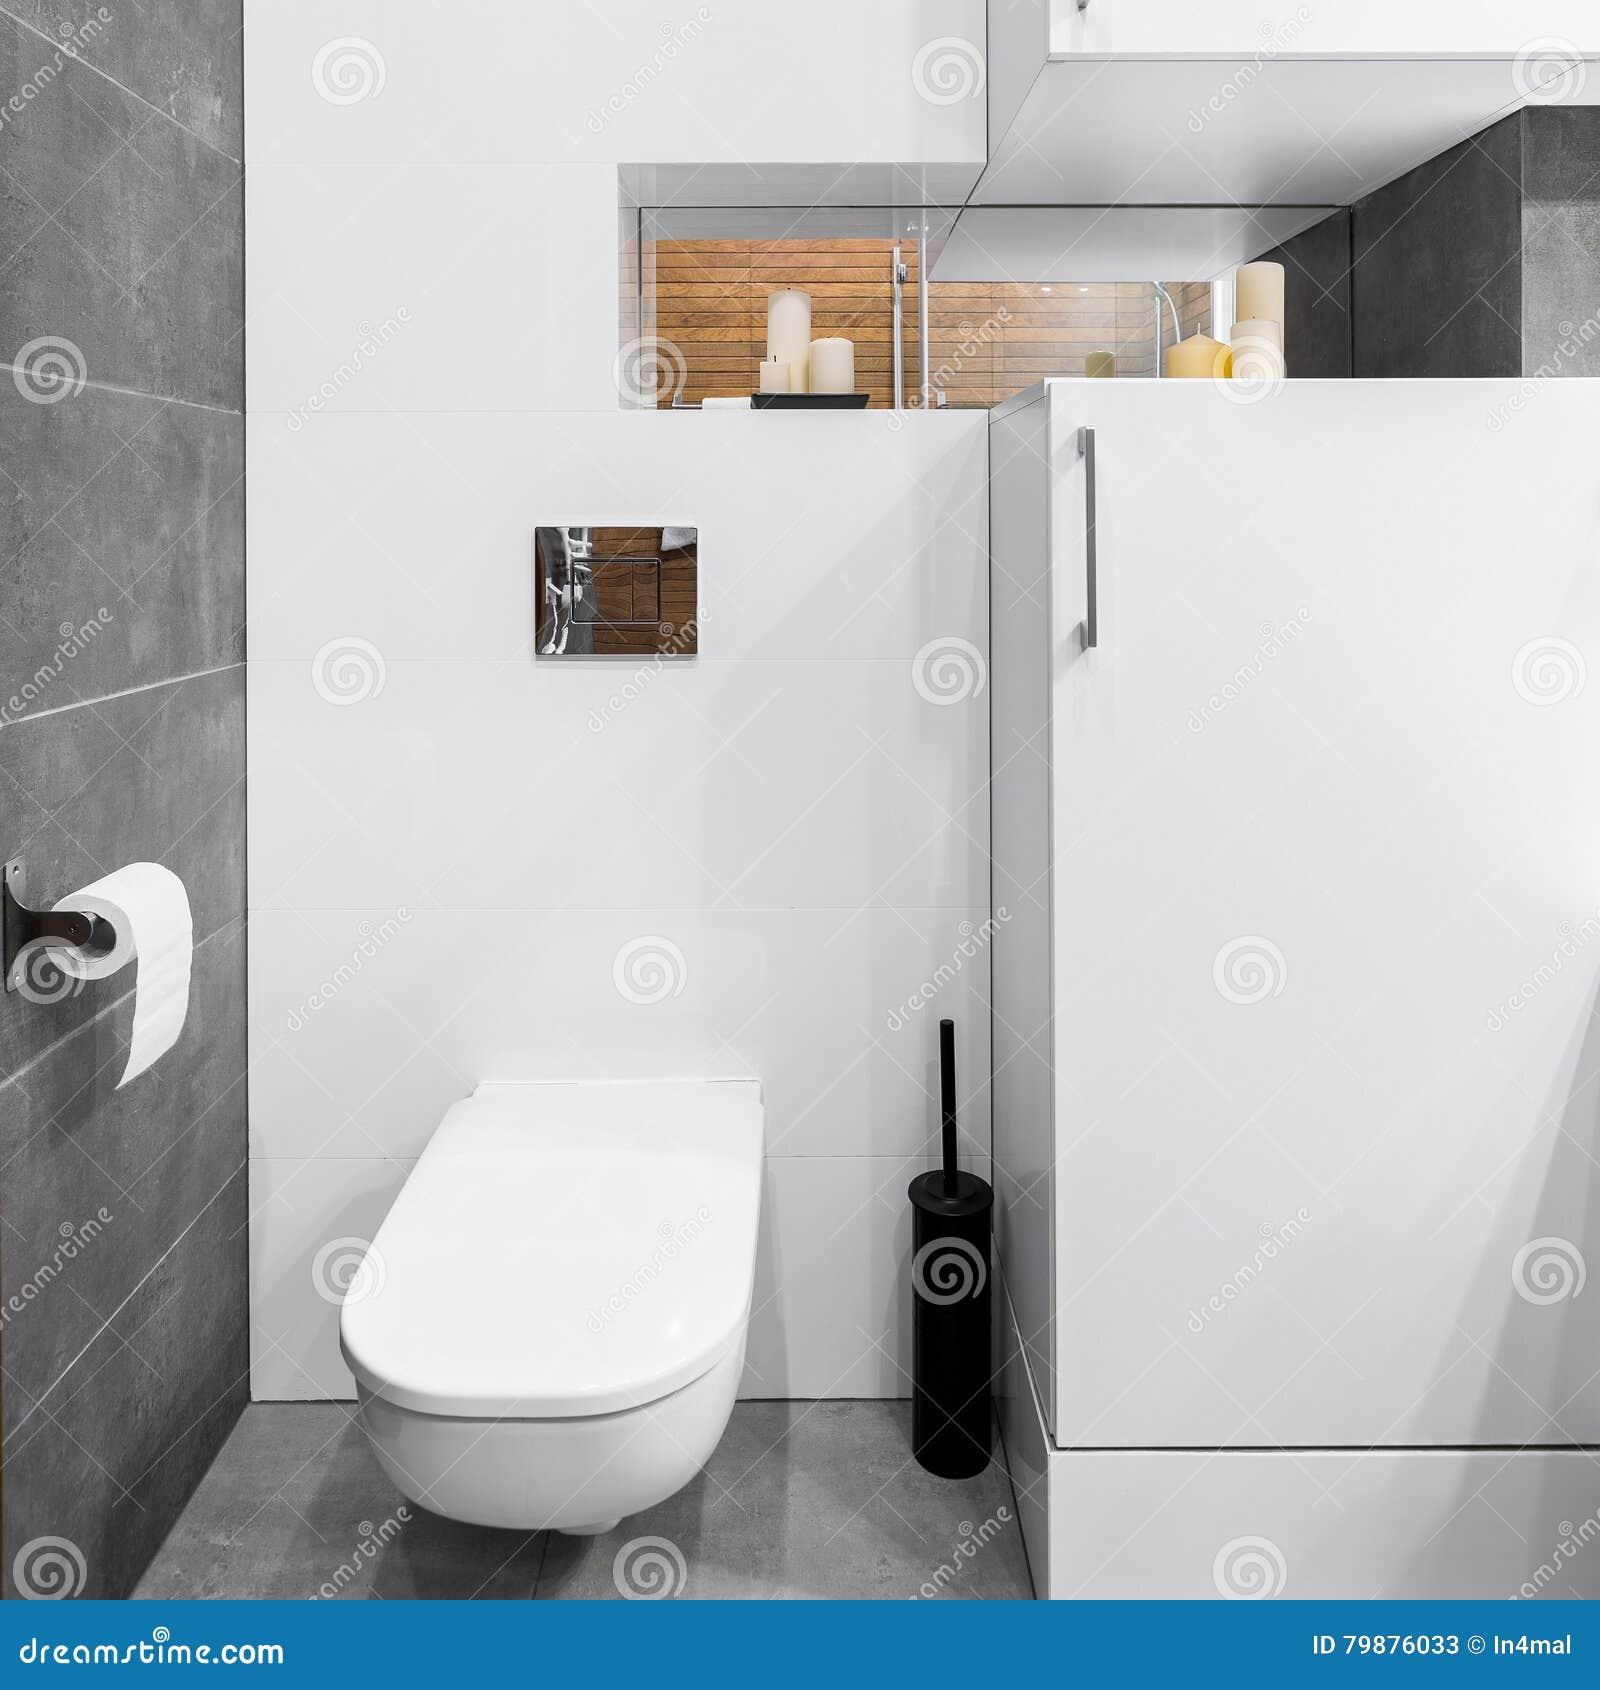 Toilette Gris Et Blanc salle de bains dans blanc et gris image stock - image du